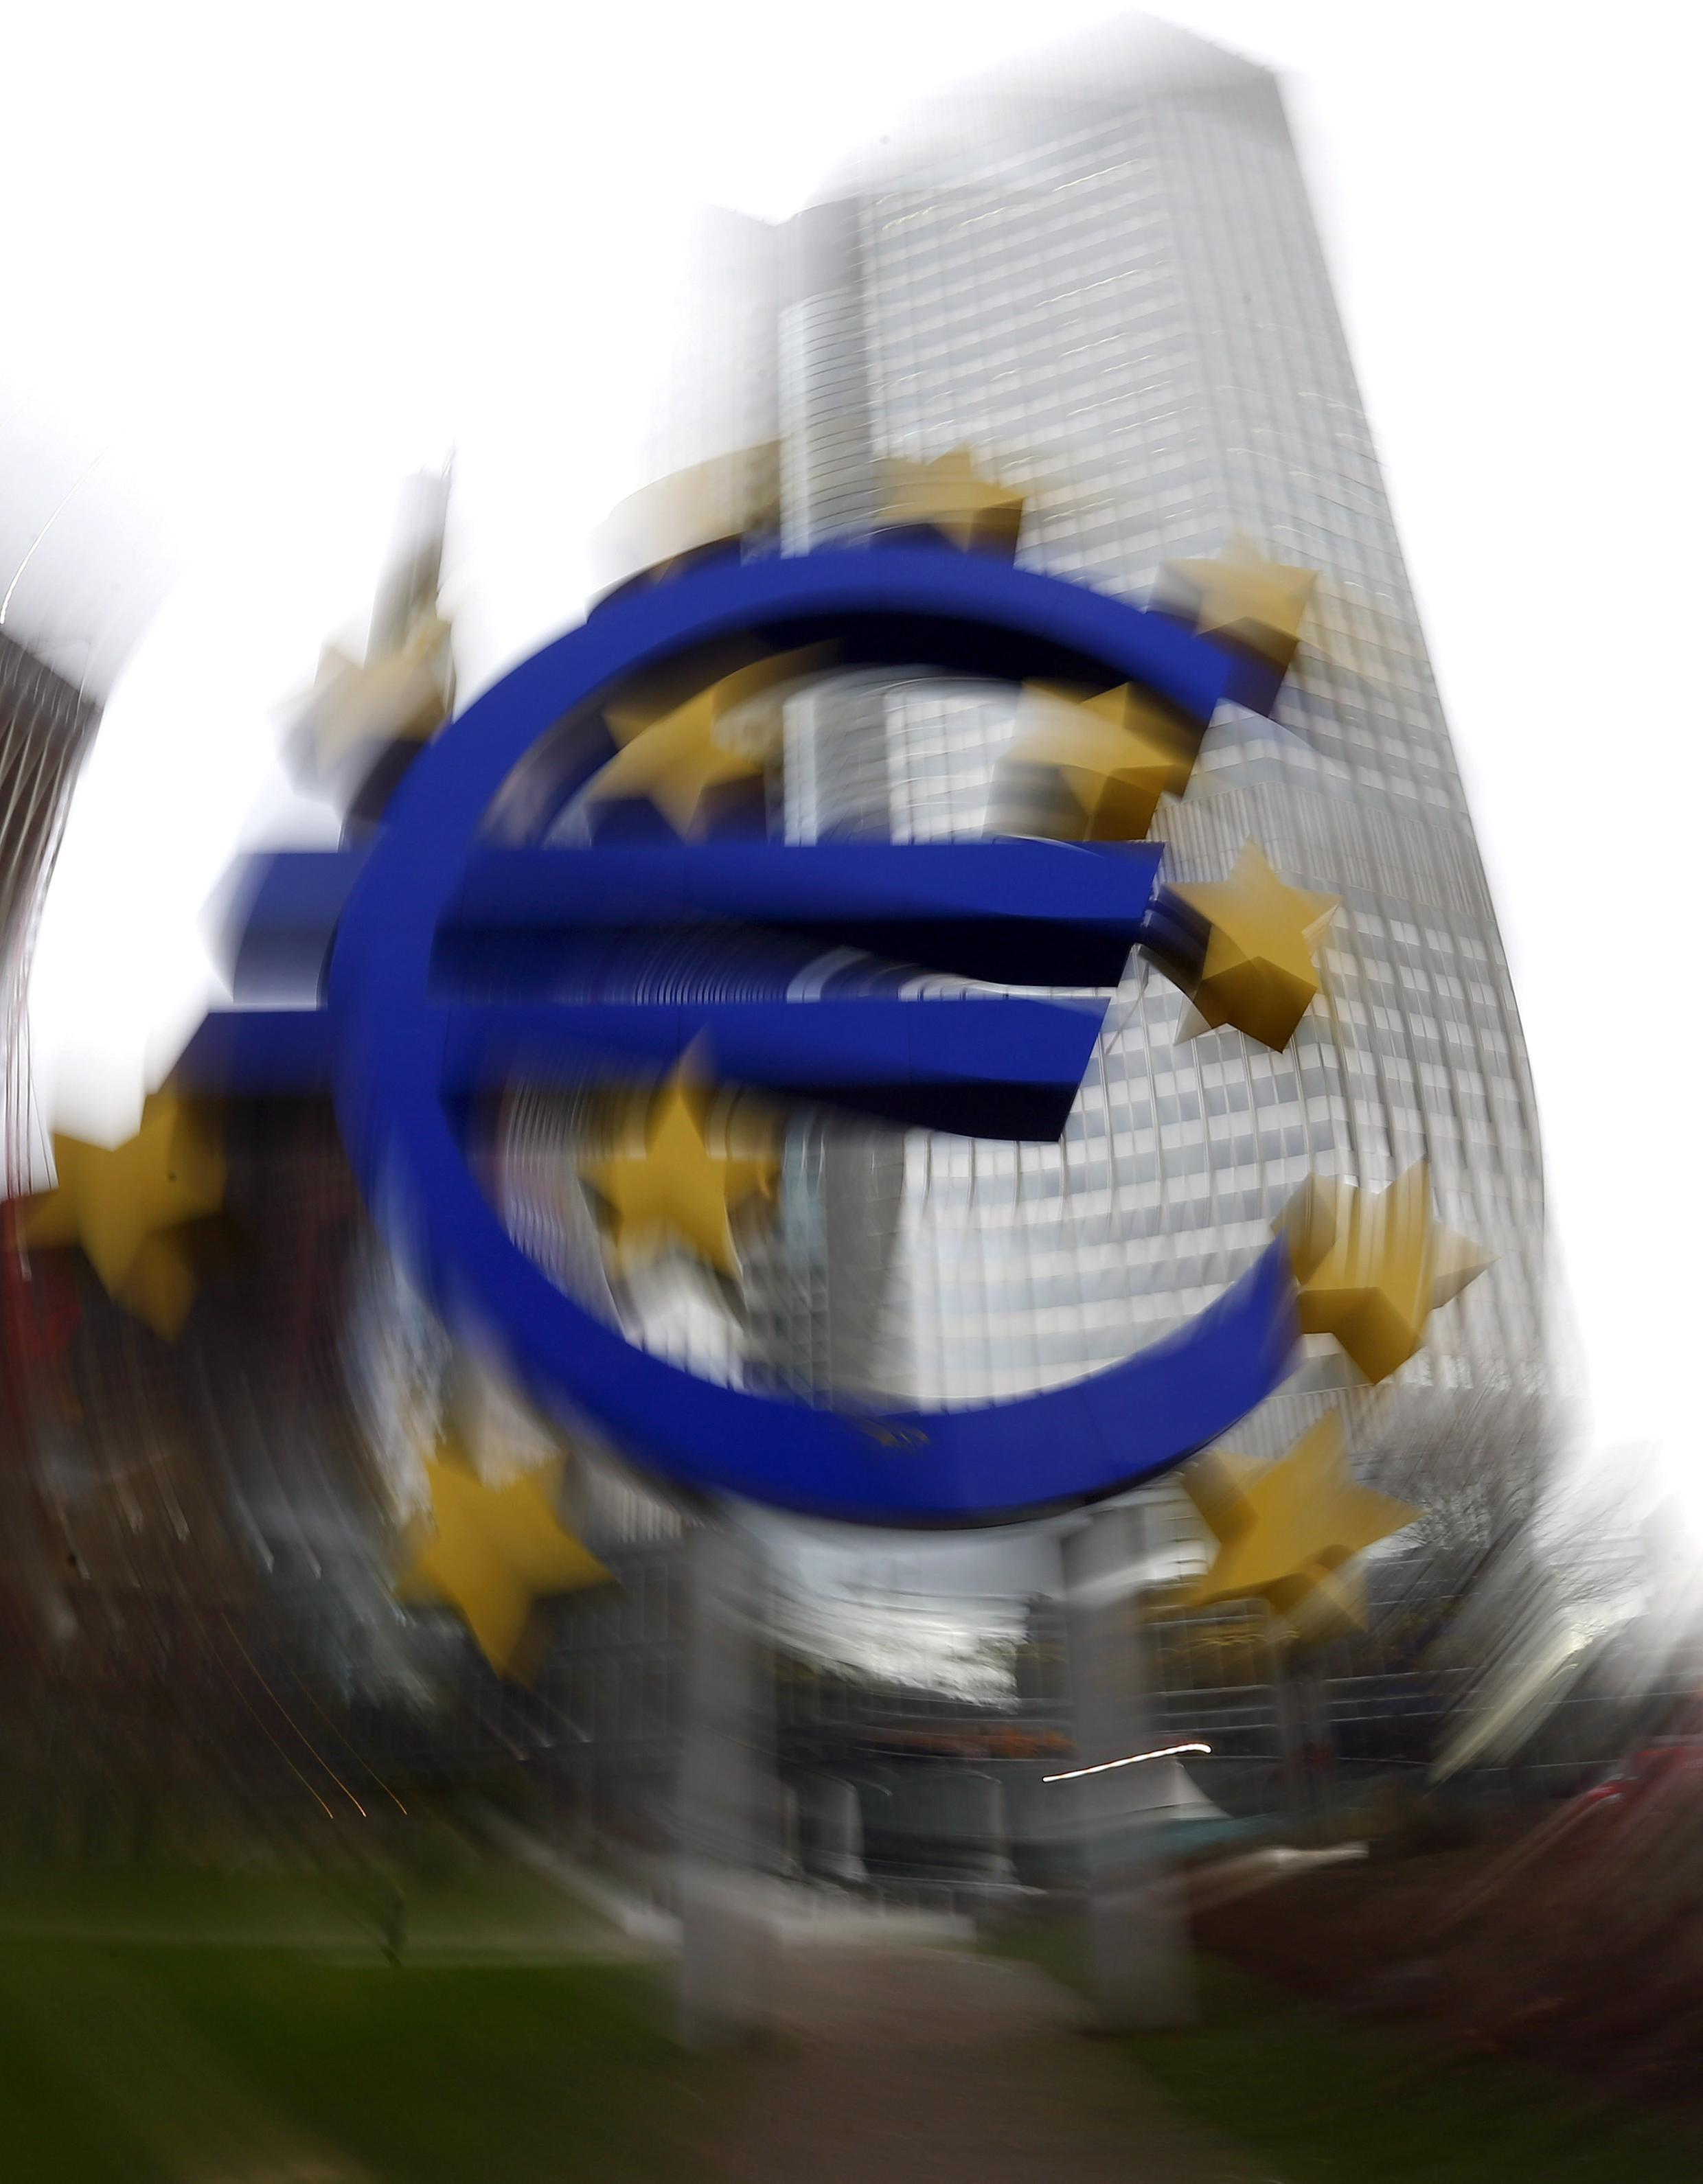 Os líderes da União Europeia se reúnem hoje em Bruxelas para tentar sair do impasse em relação so orçamento do bloco para o período 2014-2020.